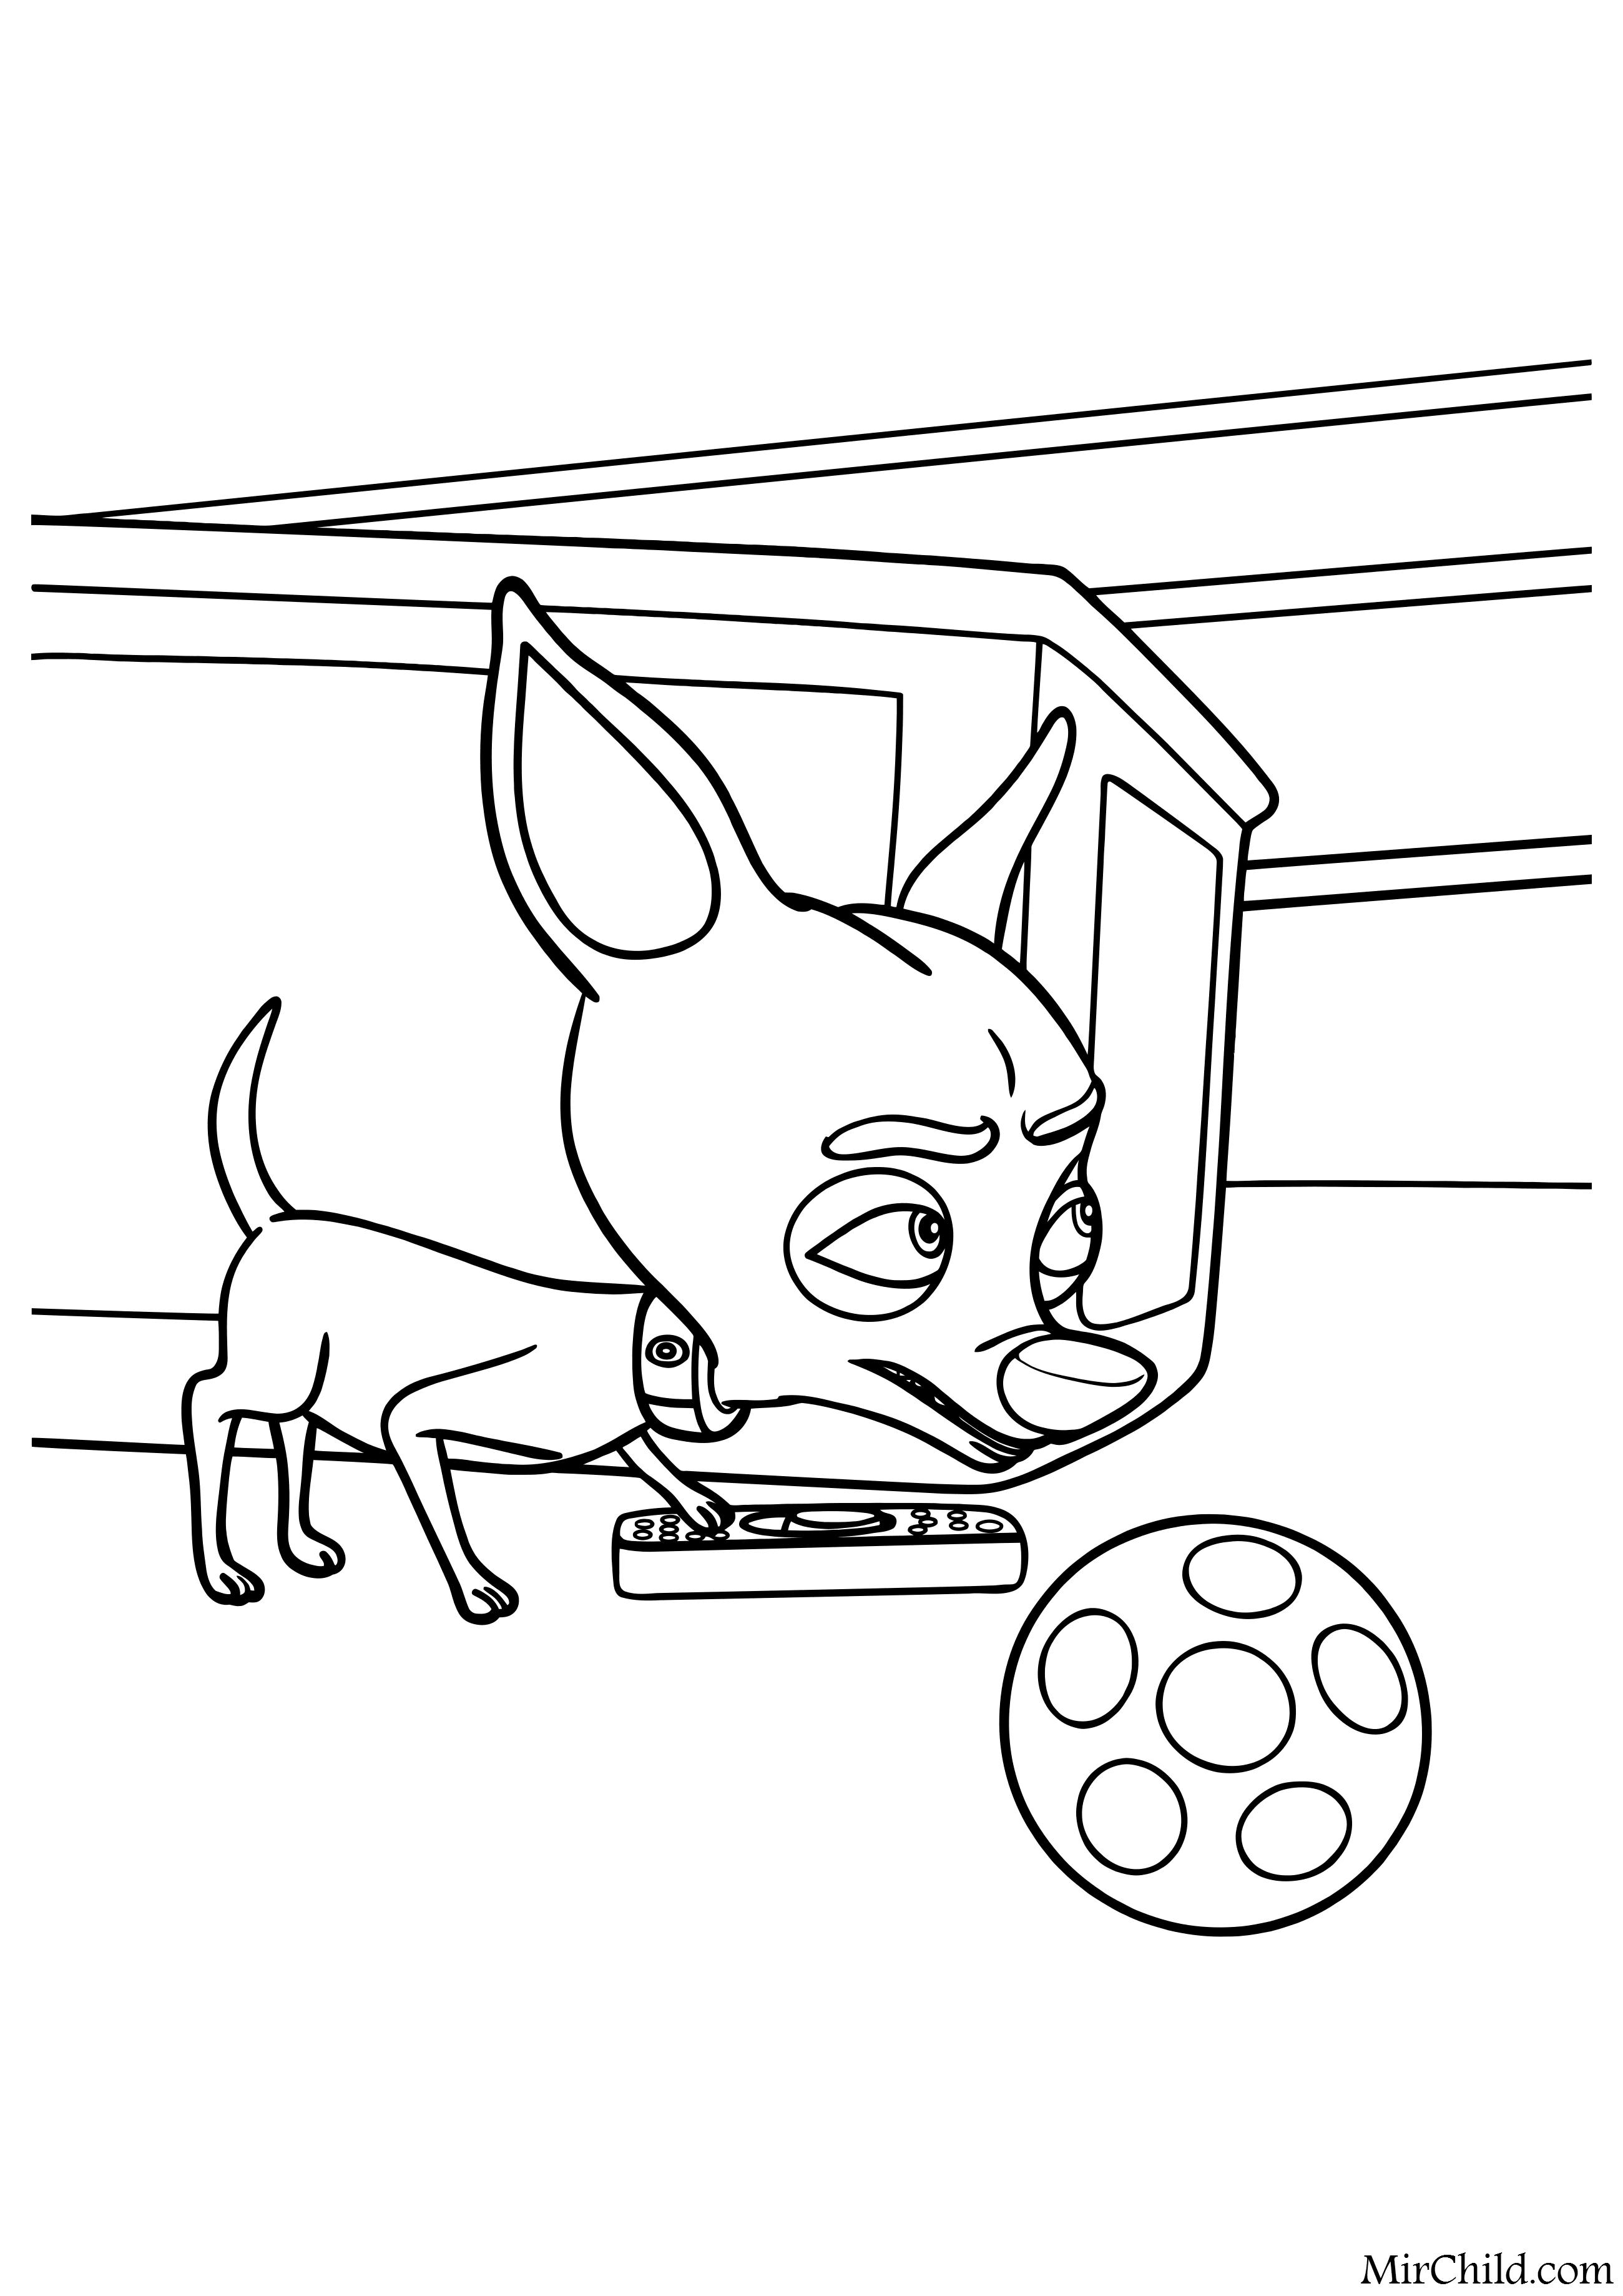 Картинка раскраска самовар для детей 56